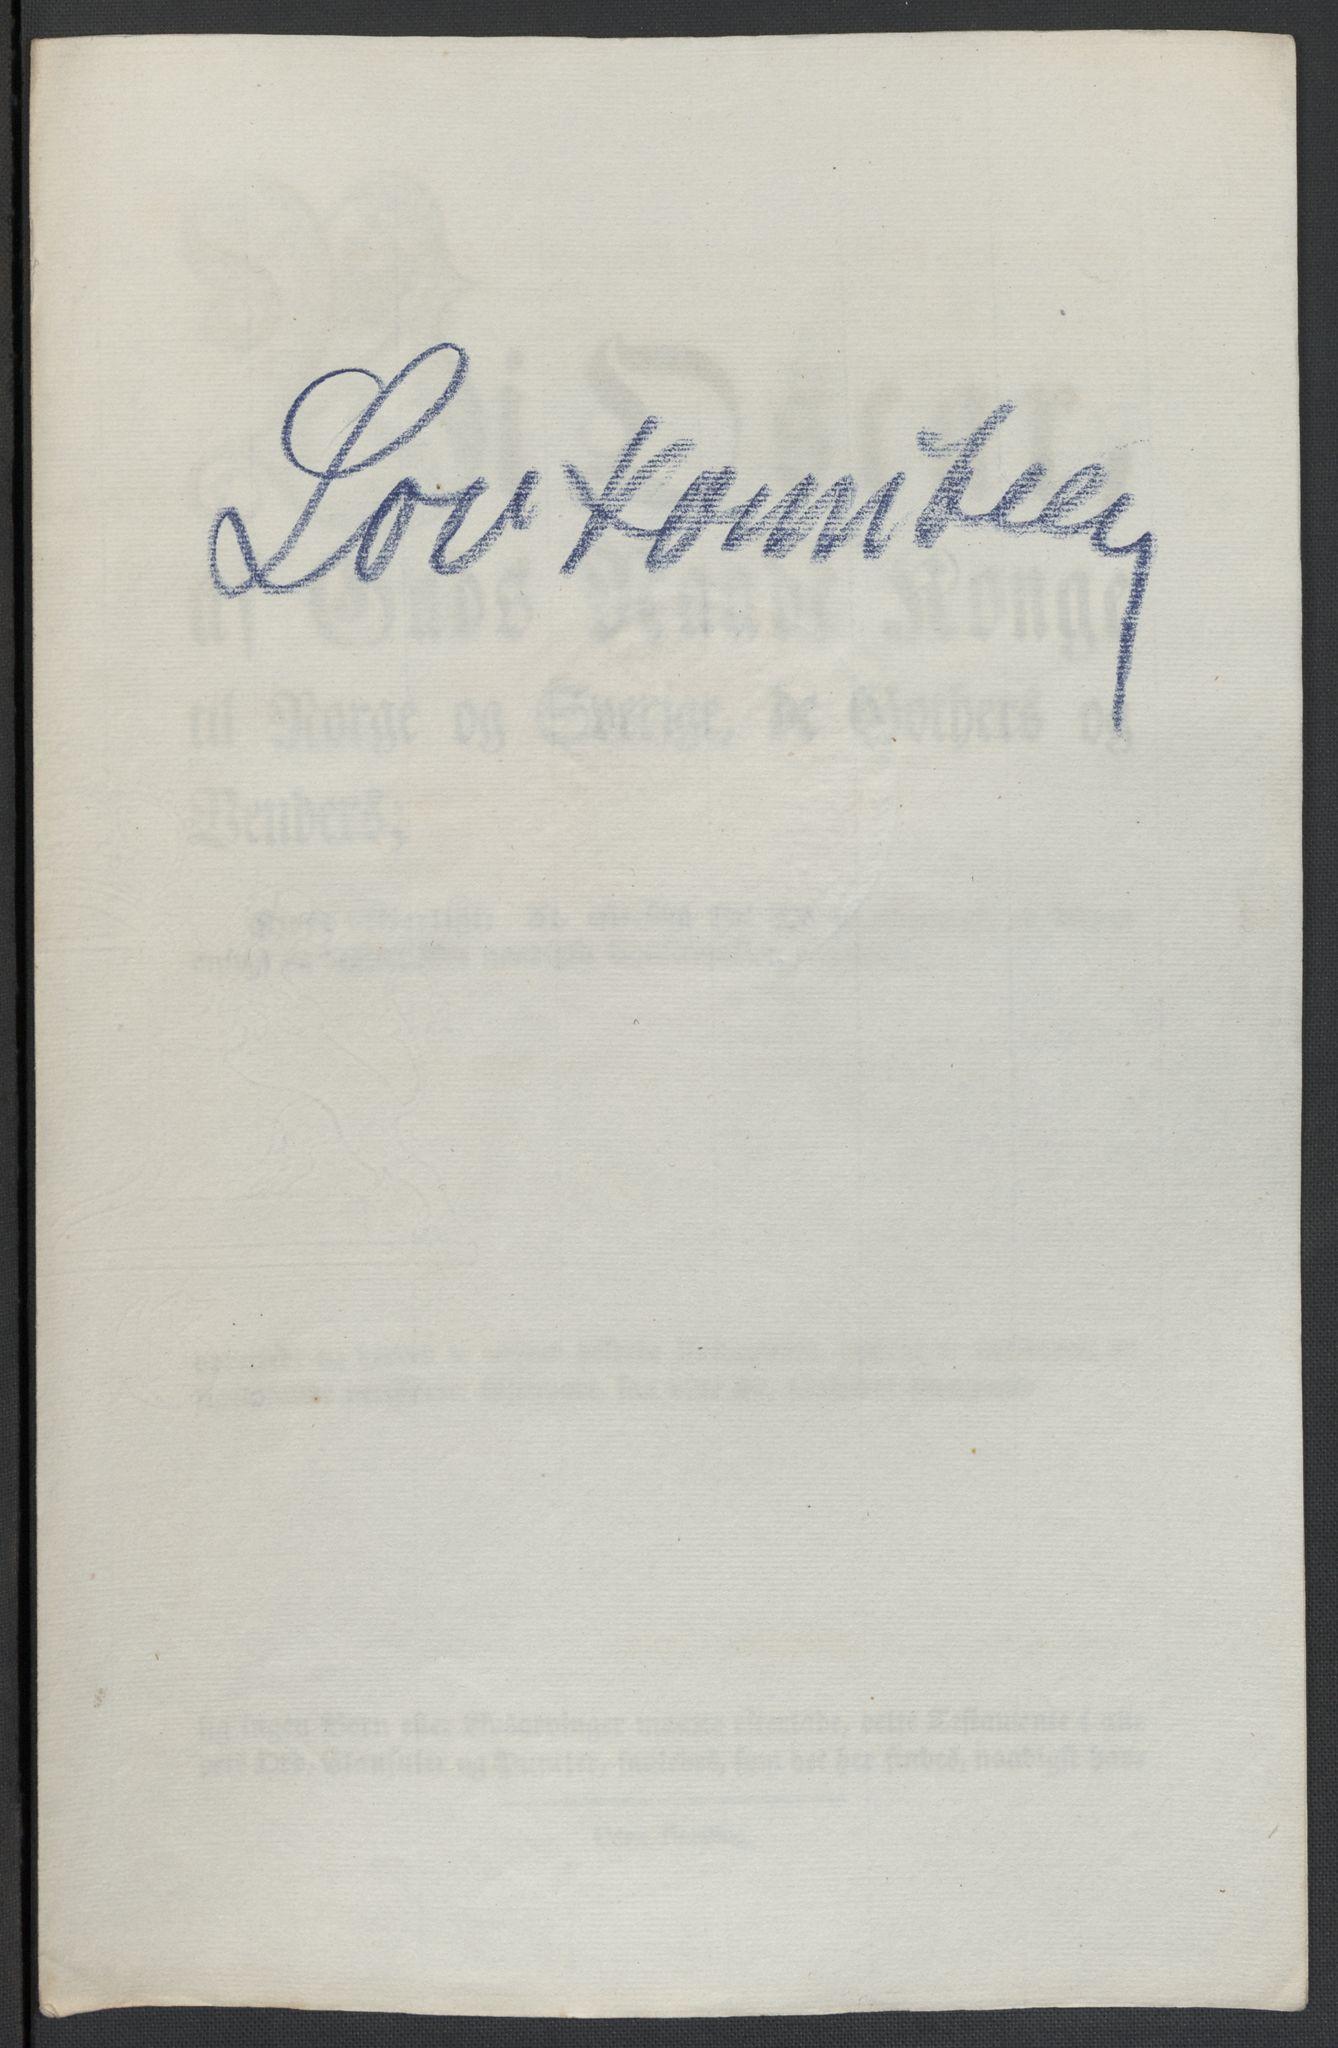 RA, Christie, Wilhelm Frimann Koren, F/L0005, 1815-1816, s. 635